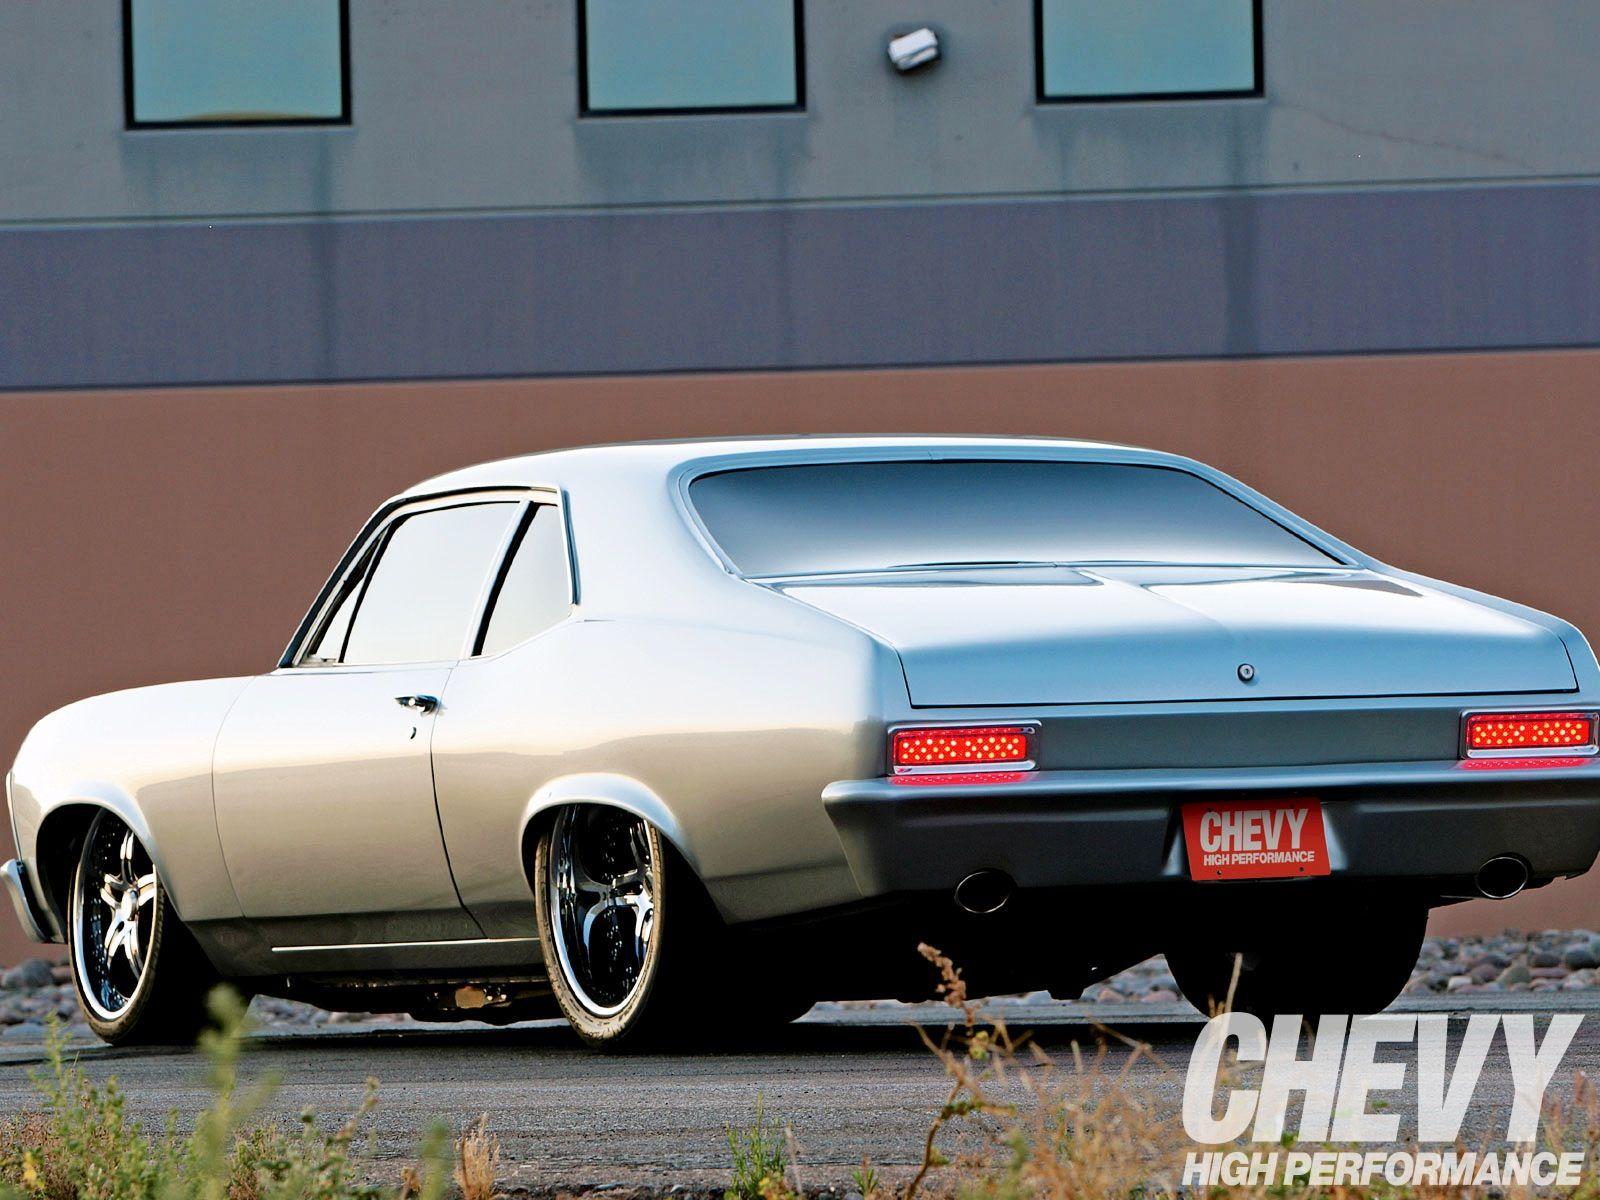 Chevy Nova Chevy Nova Chevrolet Nova Muscle Cars